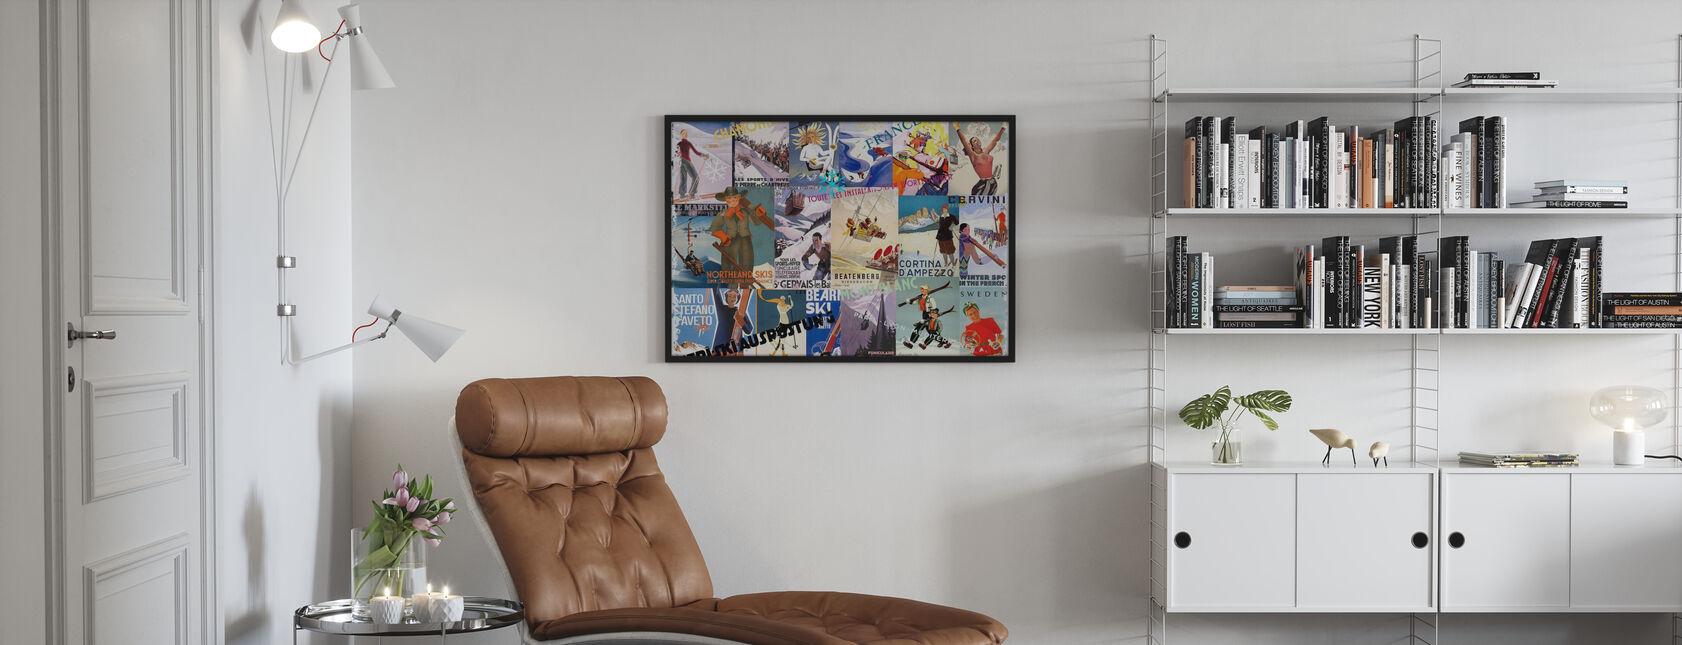 Skigebiete Collage - Poster - Wohnzimmer